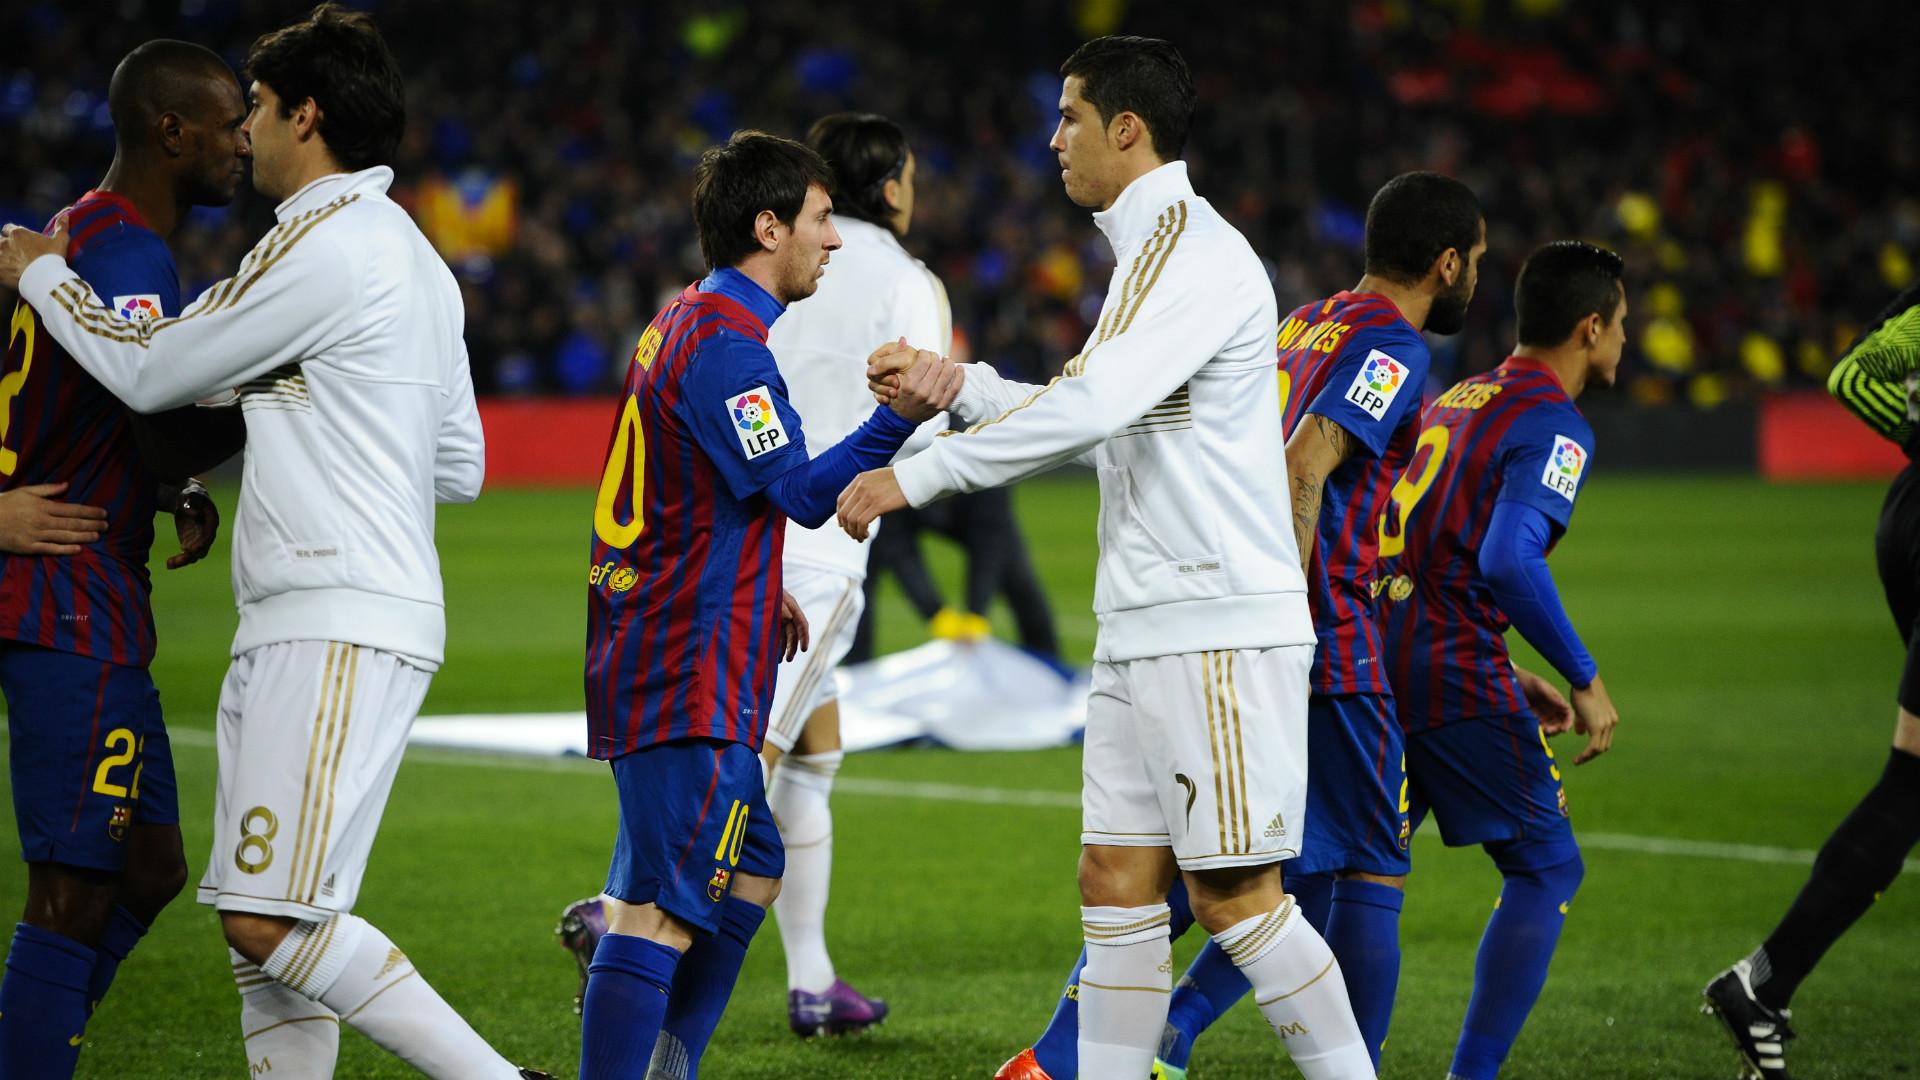 Lionel Messi Cristiano Ronaldo Barcelona Real Madrid Camp Nou Copa del Rey 25012012